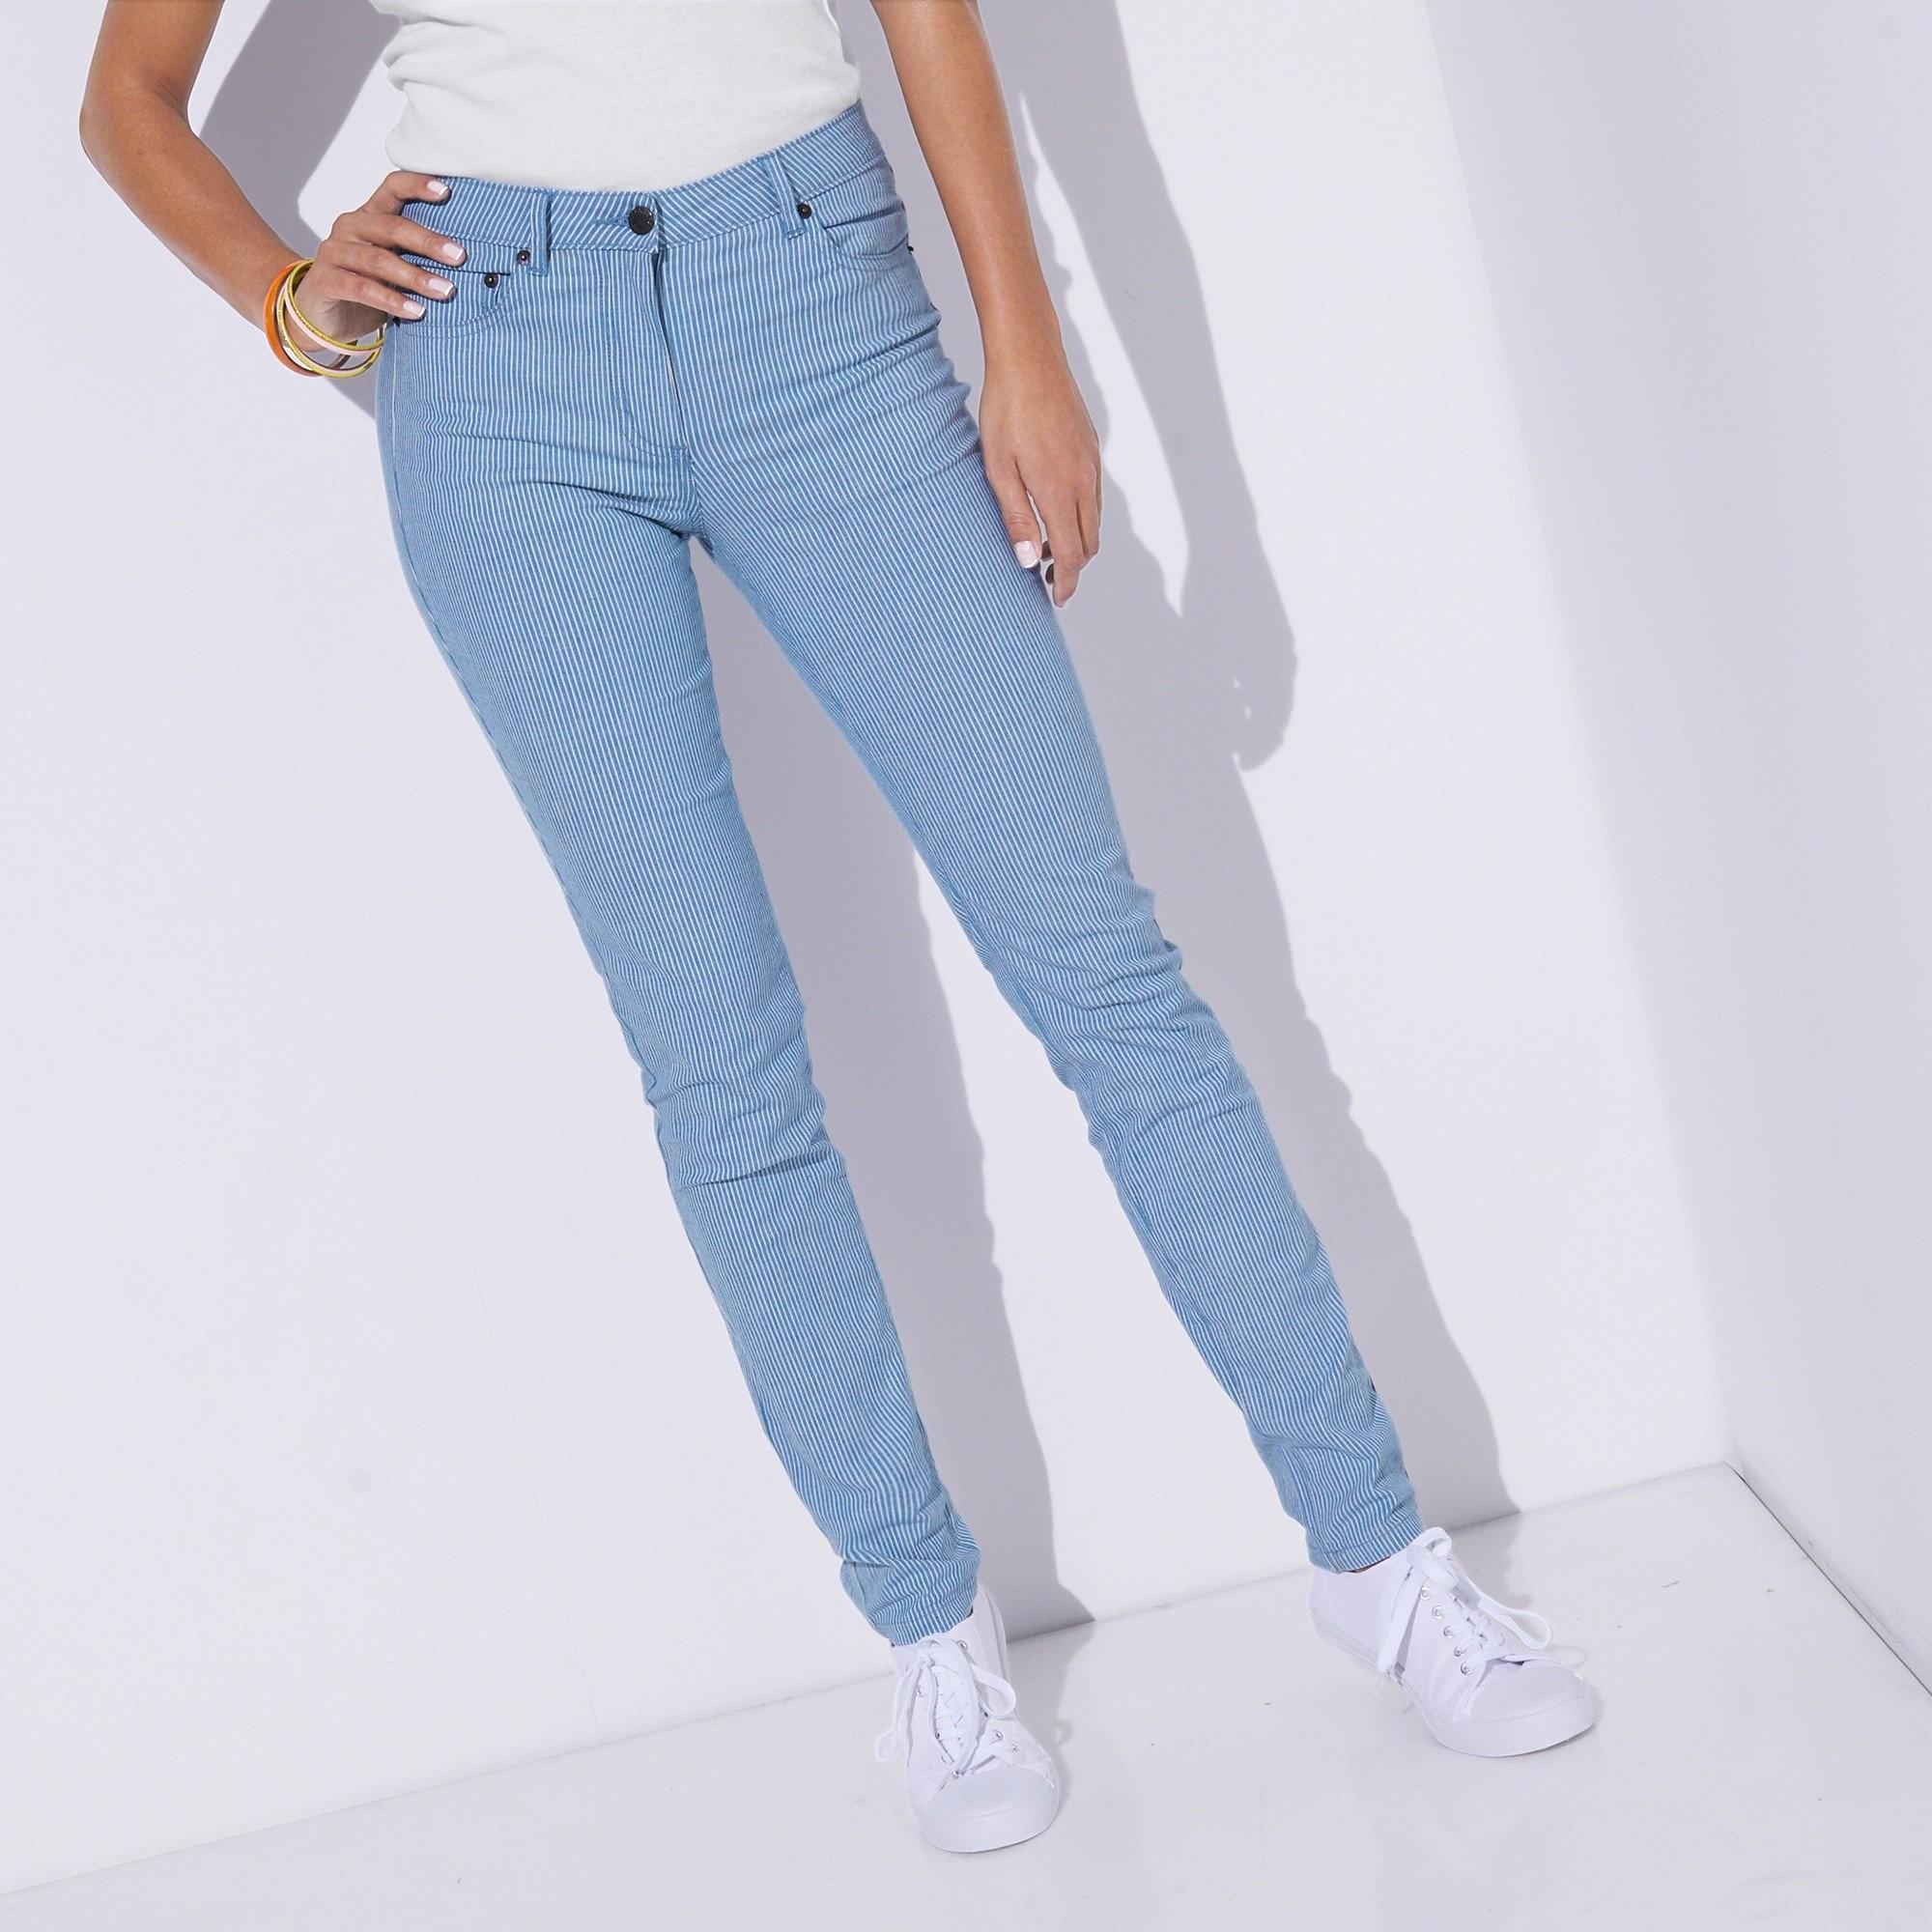 Blancheporte Úzké kalhoty s pruhy bílá/modrá 50